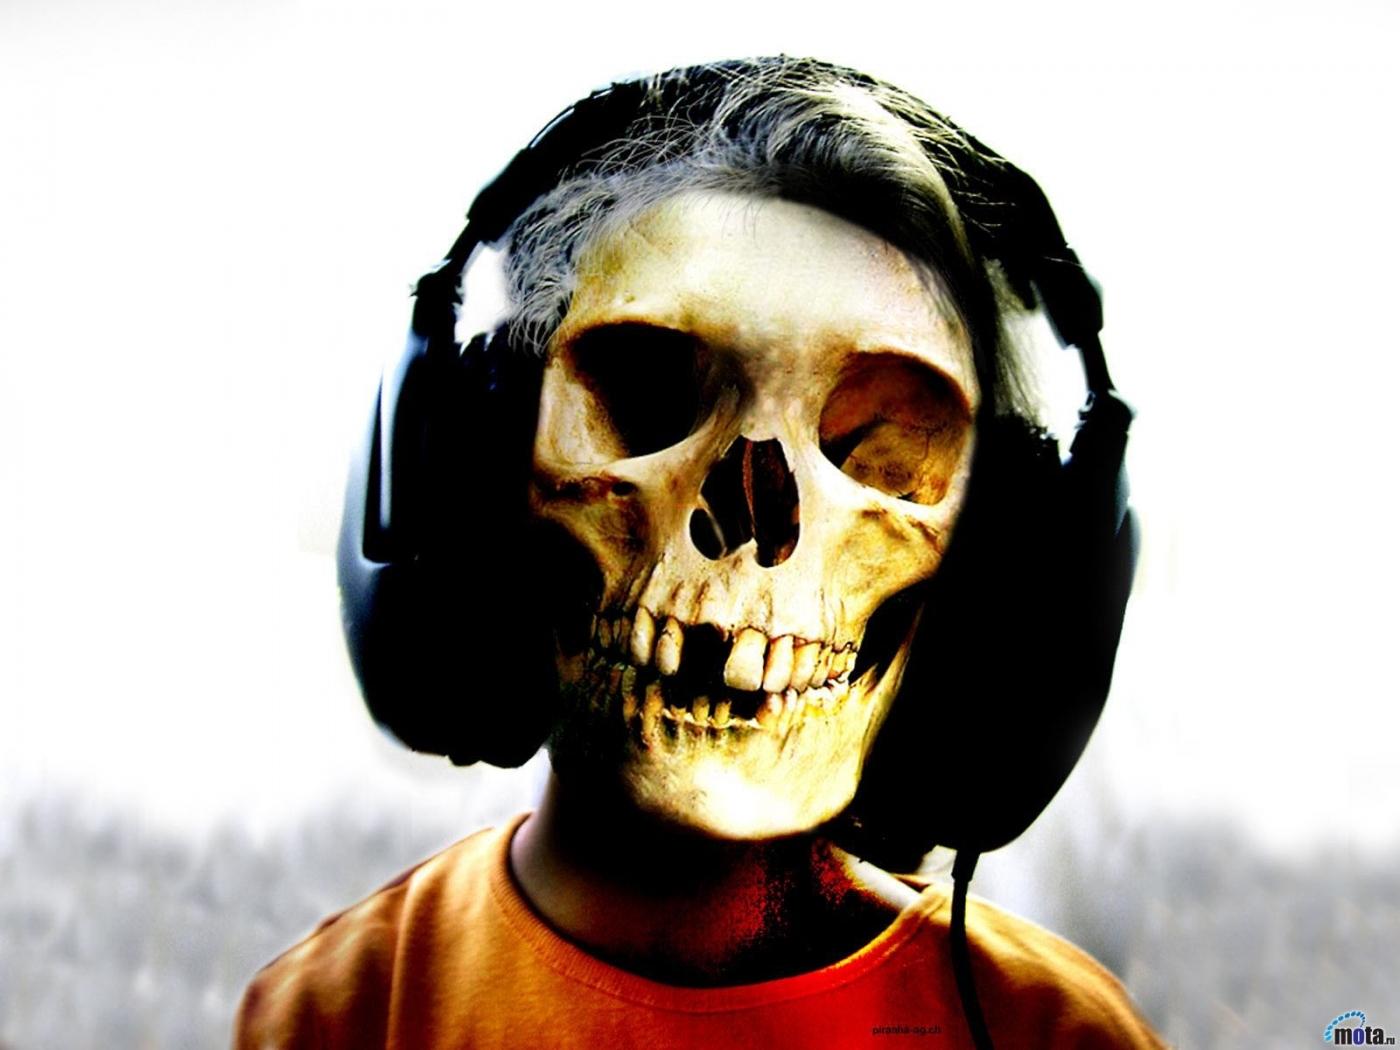 23442 Заставки и Обои Смерть на телефон. Скачать Смерть, Скелеты, Музыка, Наушники картинки бесплатно